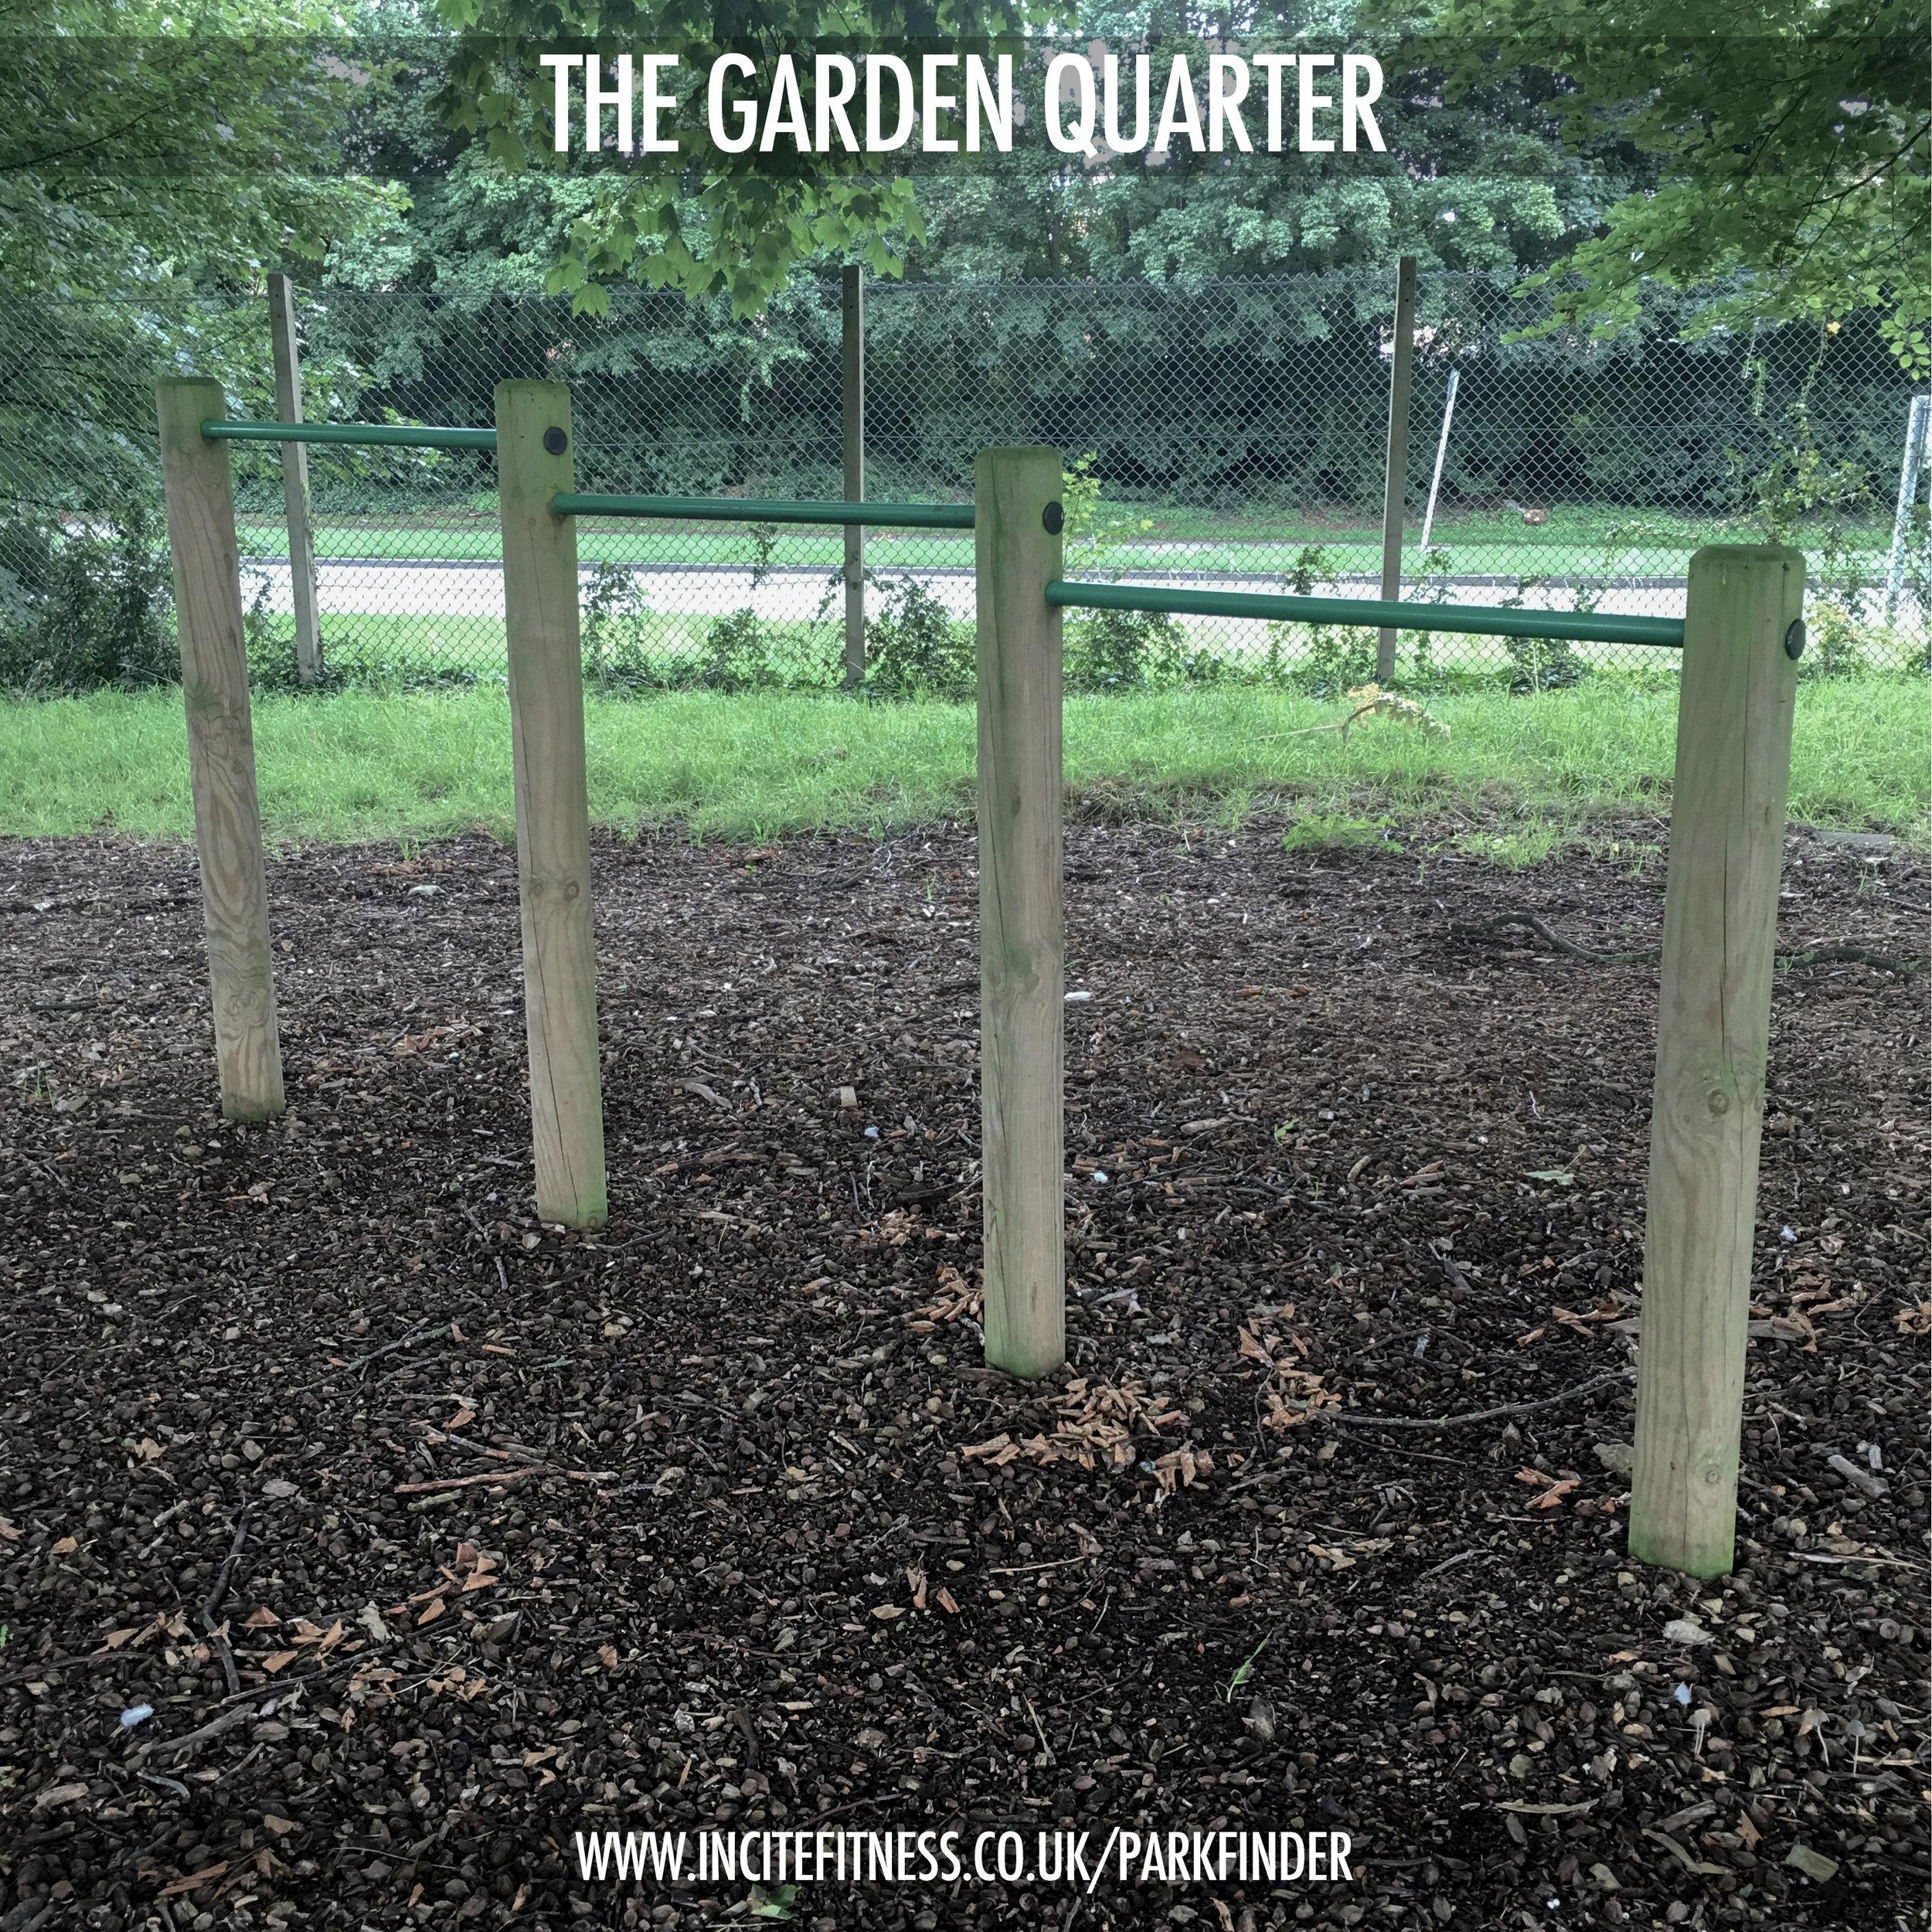 The Garden Quarter 01 pull up bars.jpg